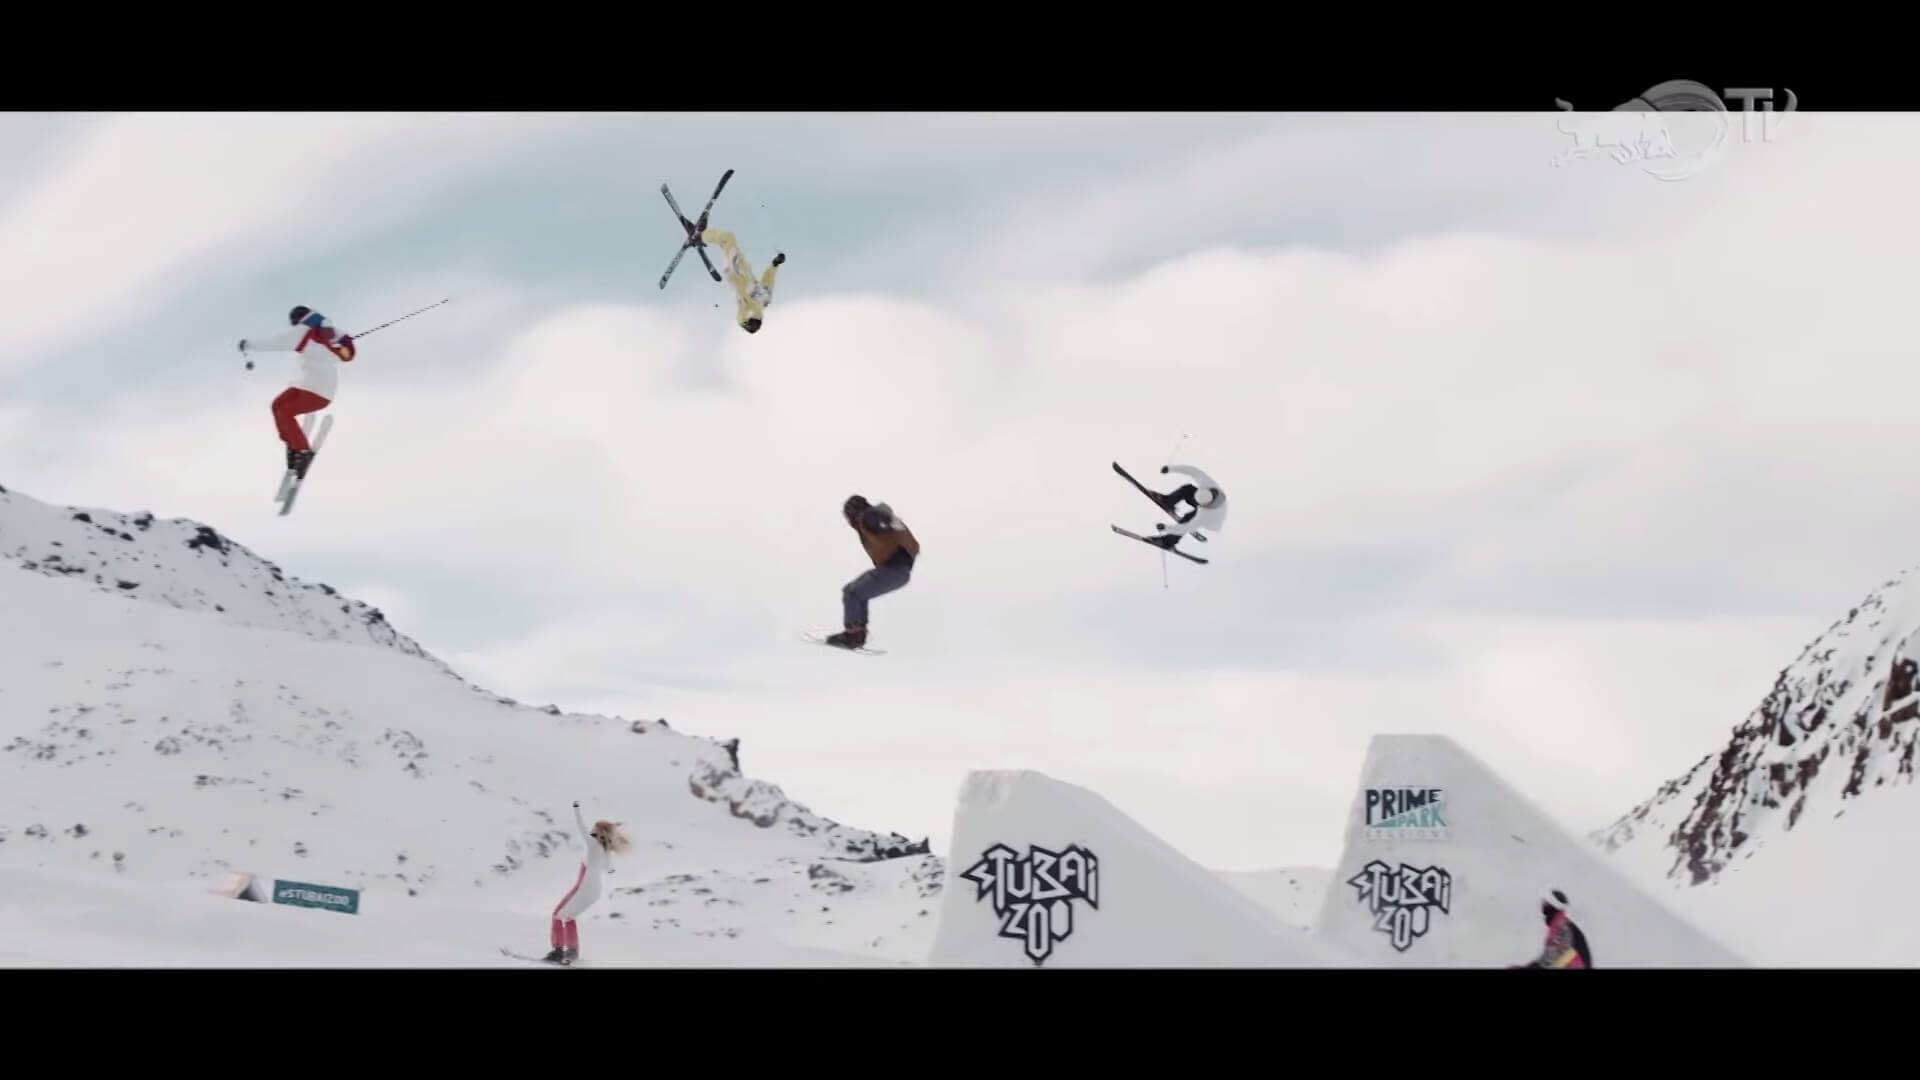 フリースタイルスキー スキー50年の歴史を振り返る映像:50 Years of Style